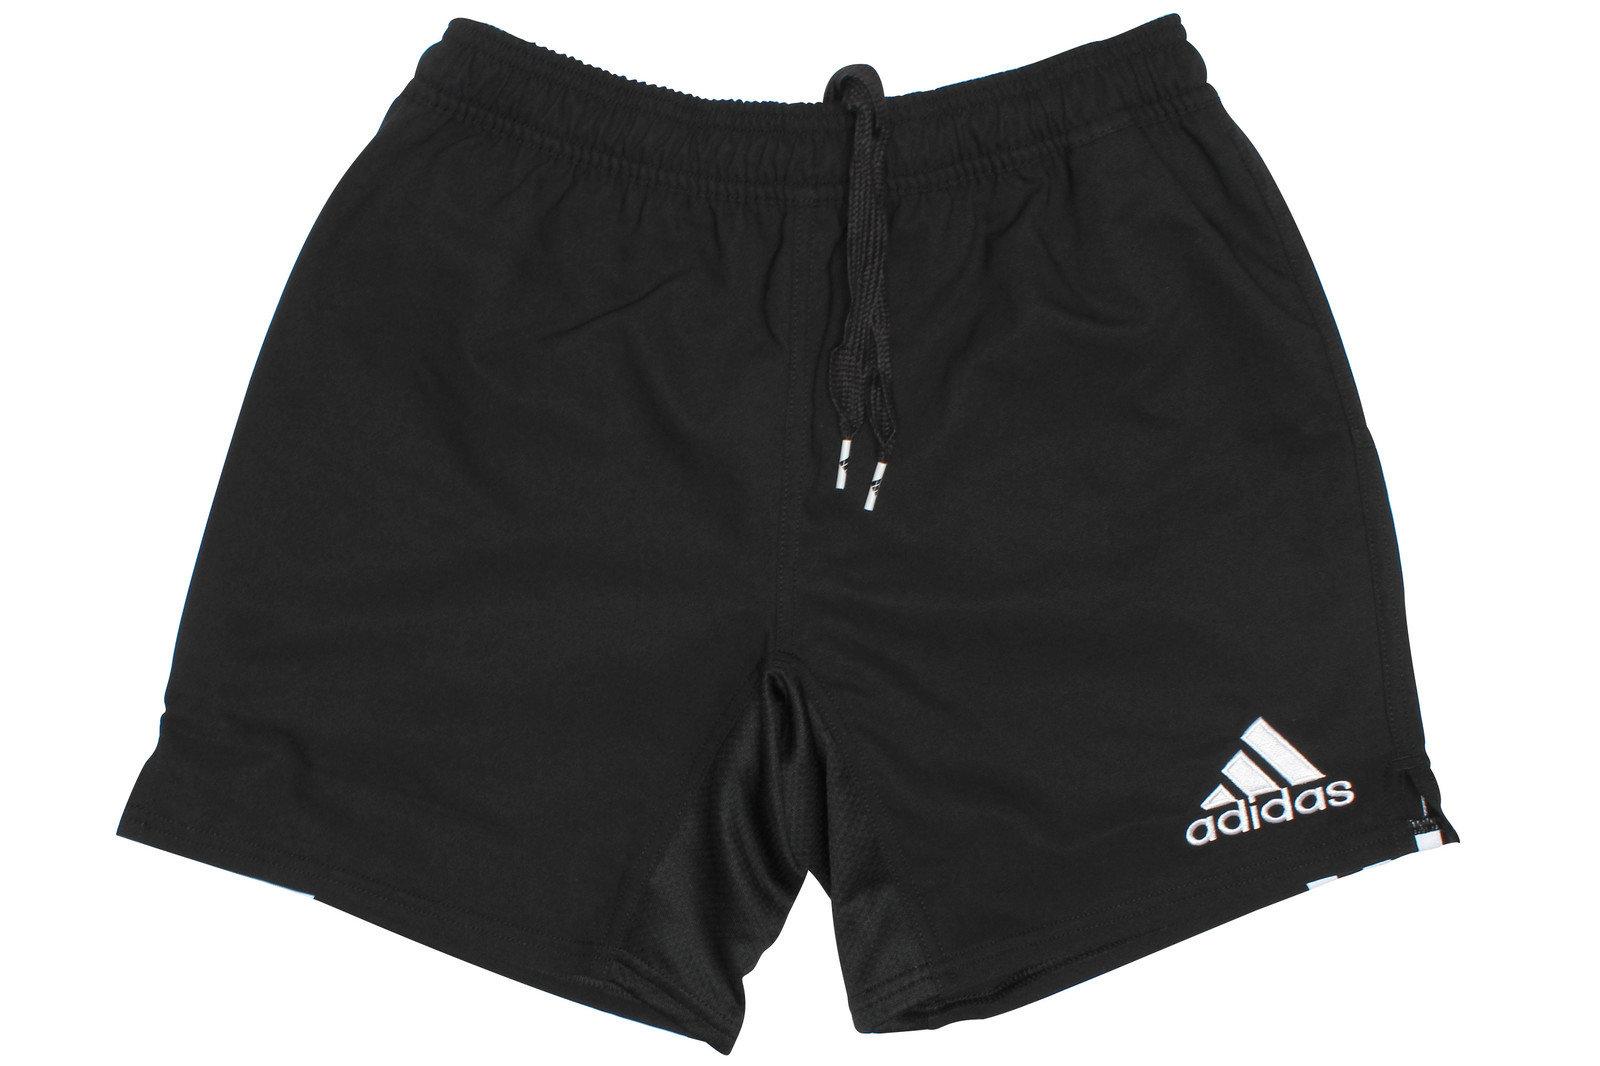 Image of 3 Stripe Climacool Training Shorts